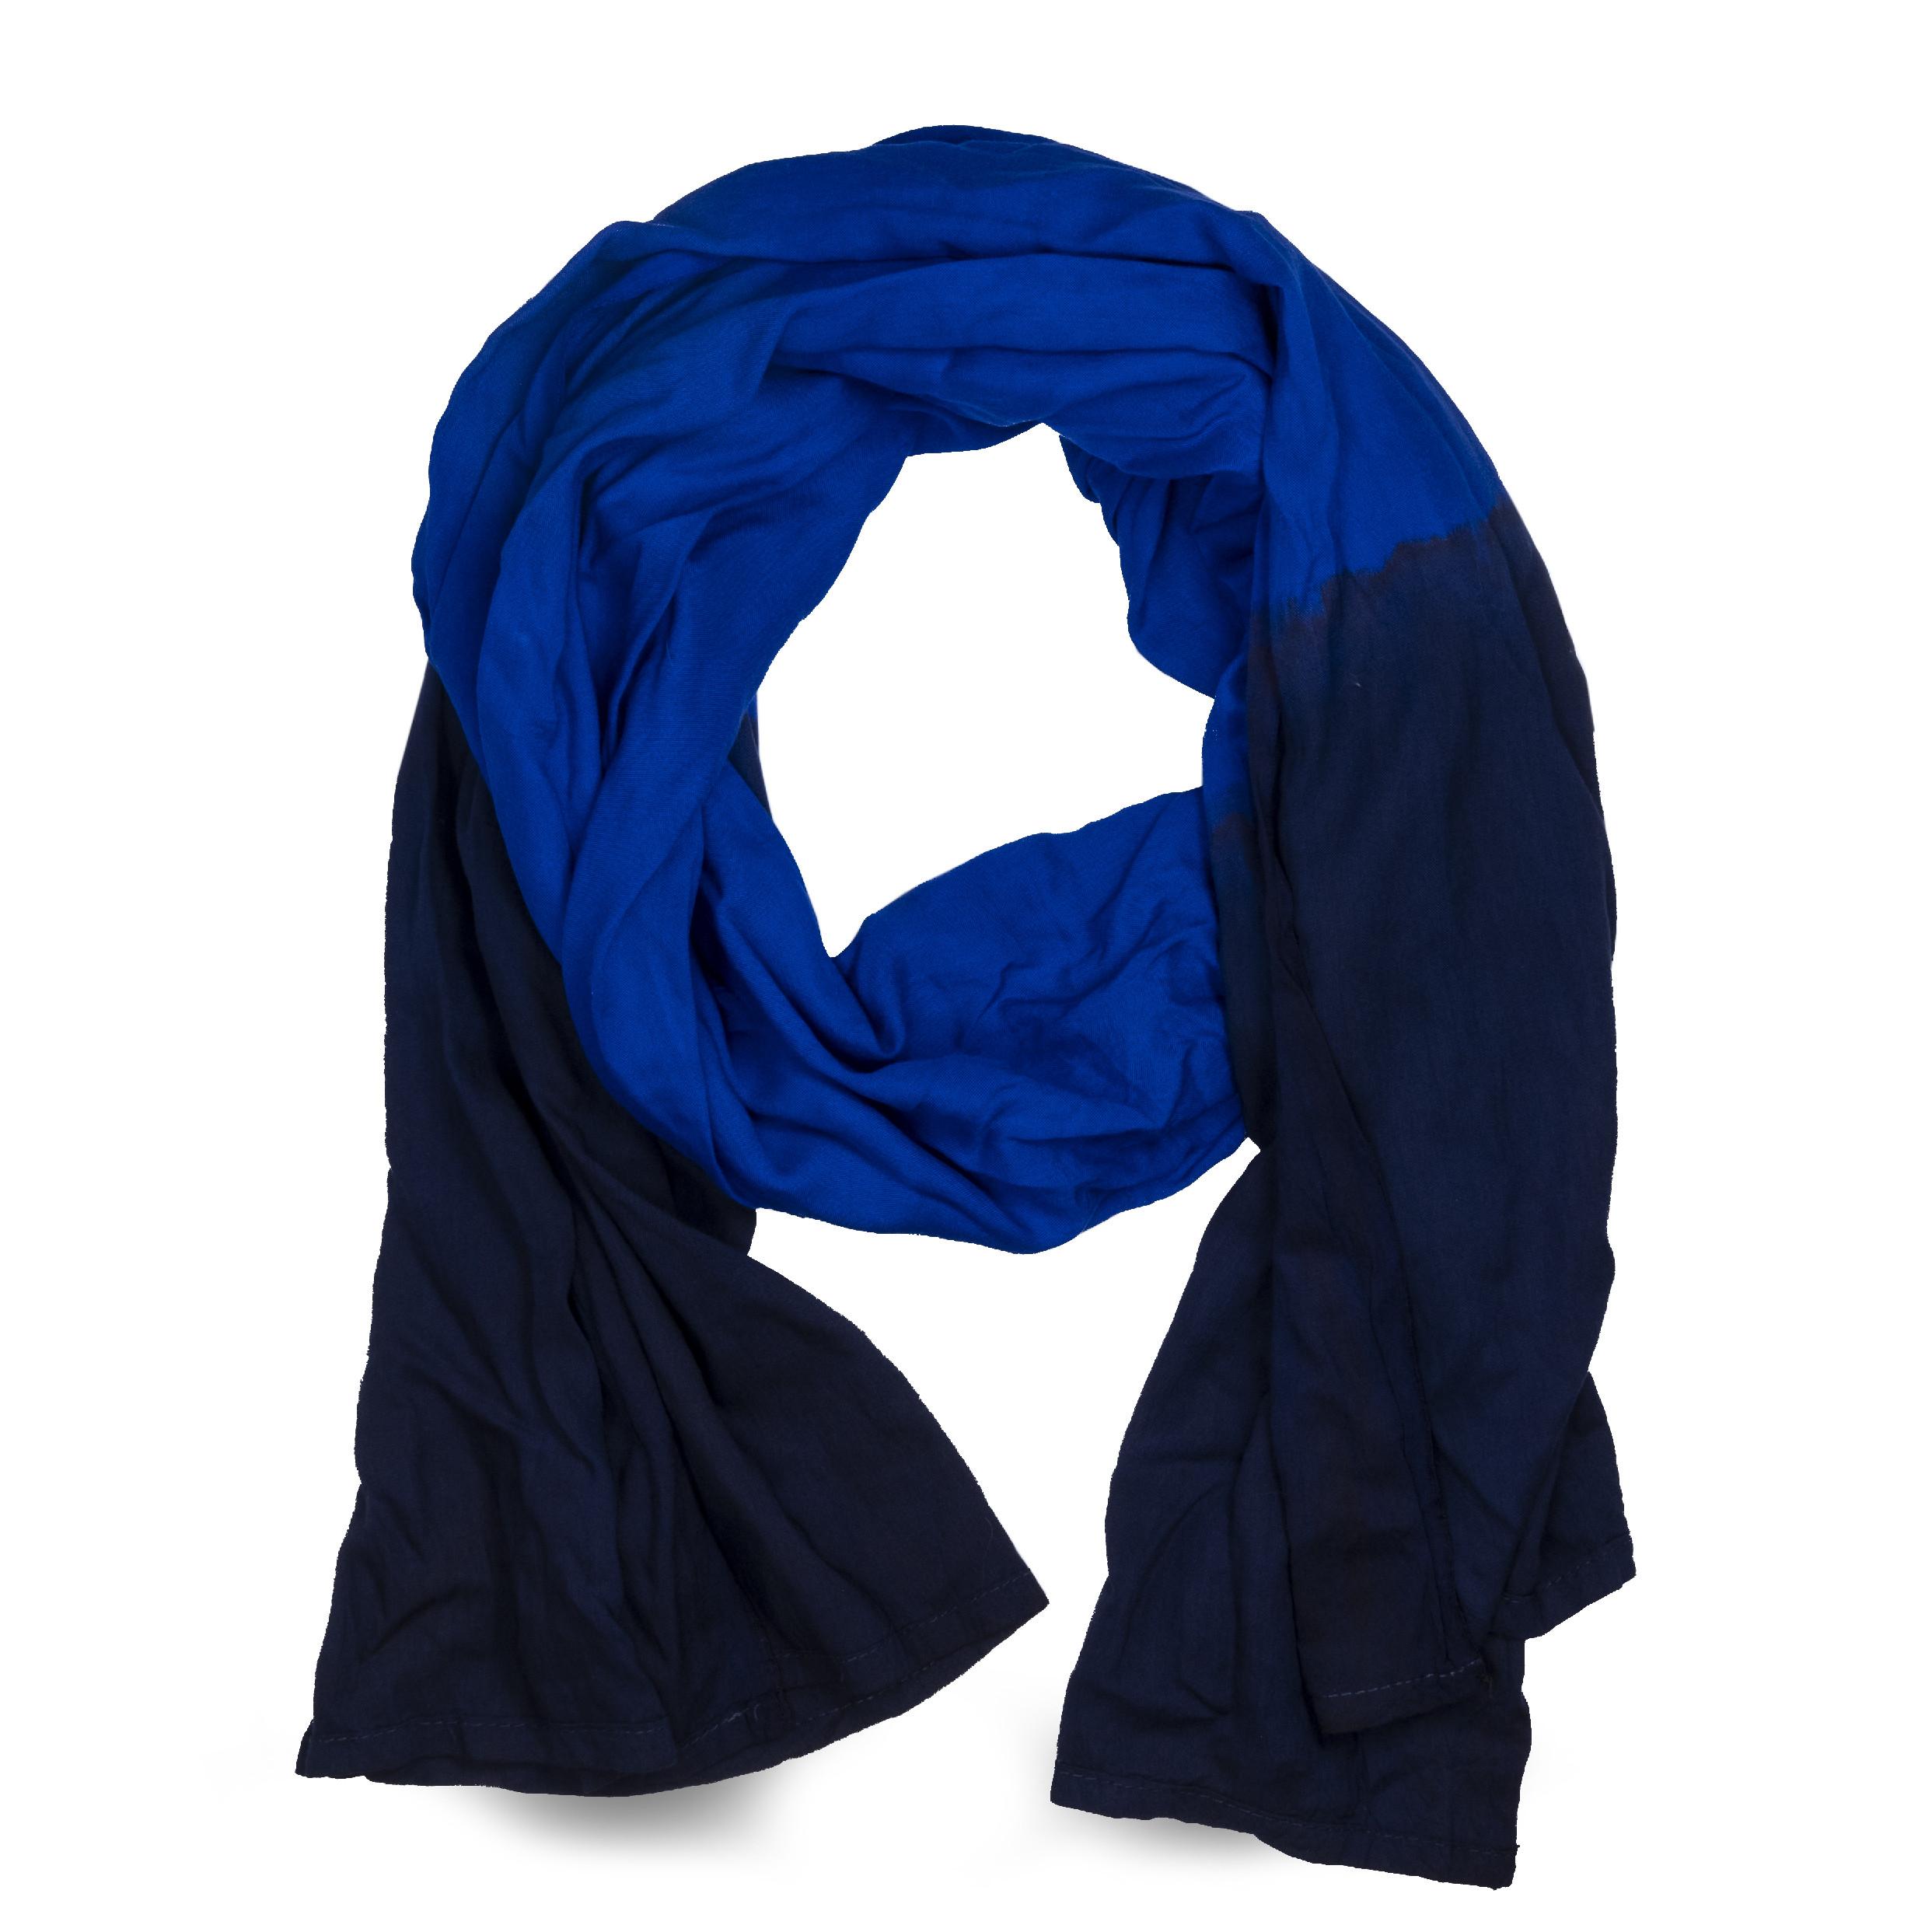 Krásy Orientu Marocký šátek Touareg - tmavě modrý